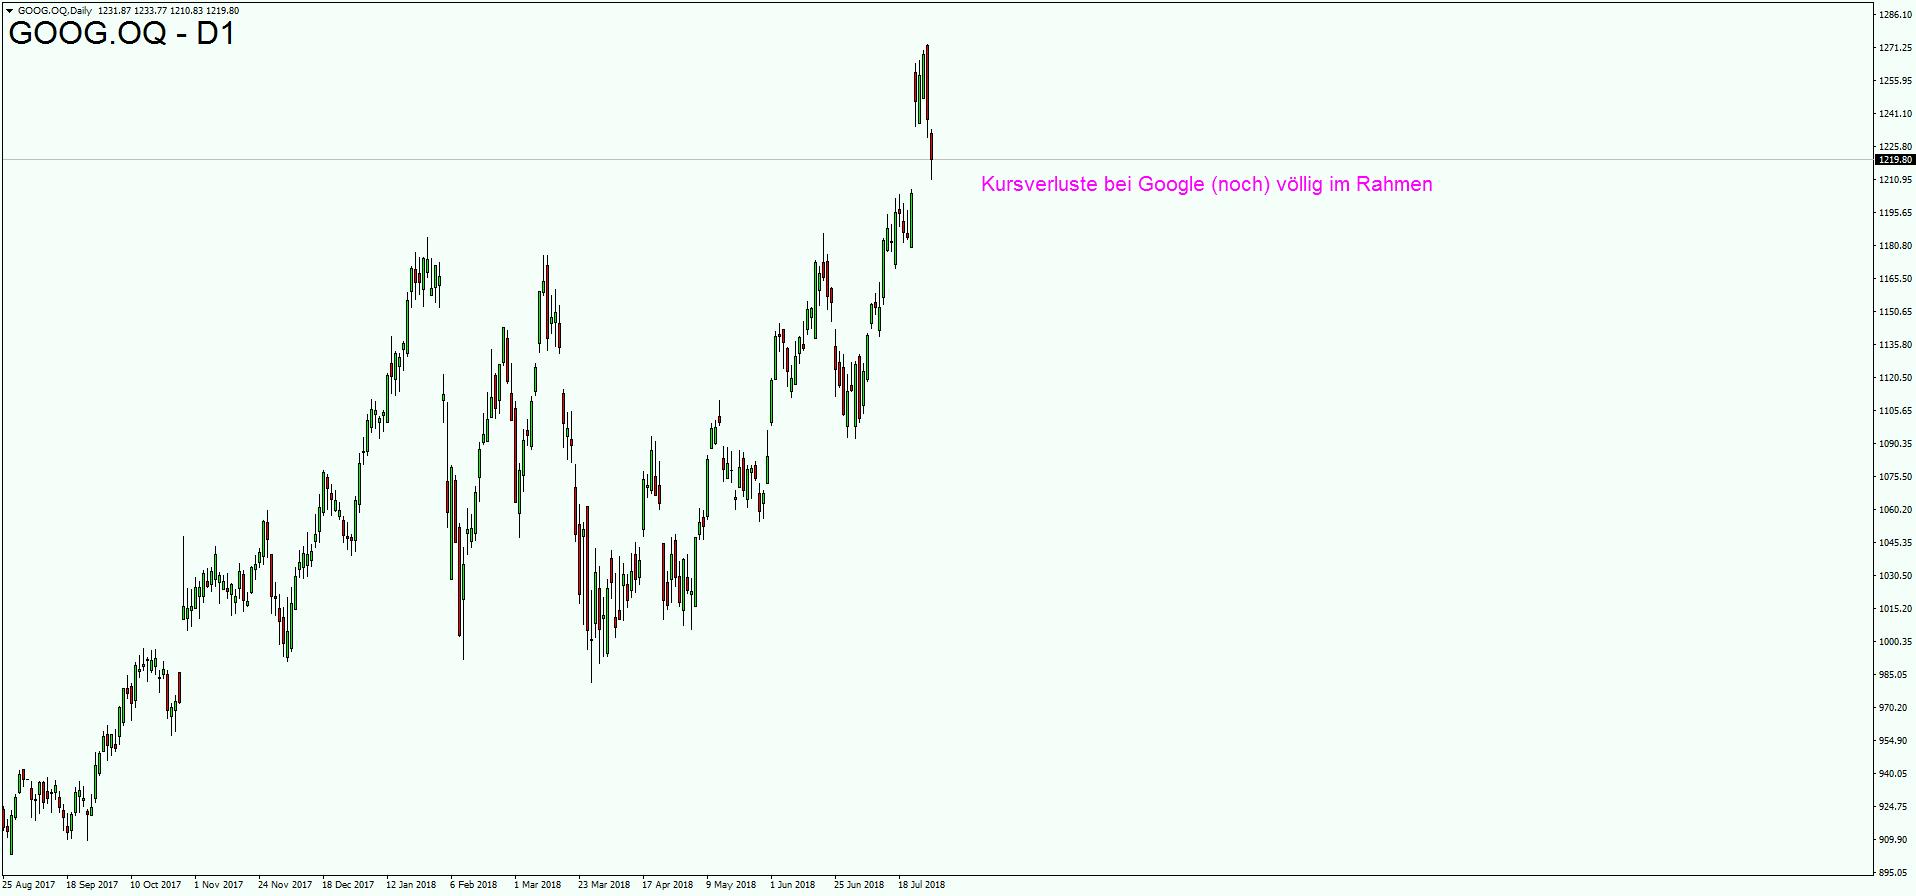 FANG-Aktien unter Druck: Die Sache mit dem NASDAQ 100 ...